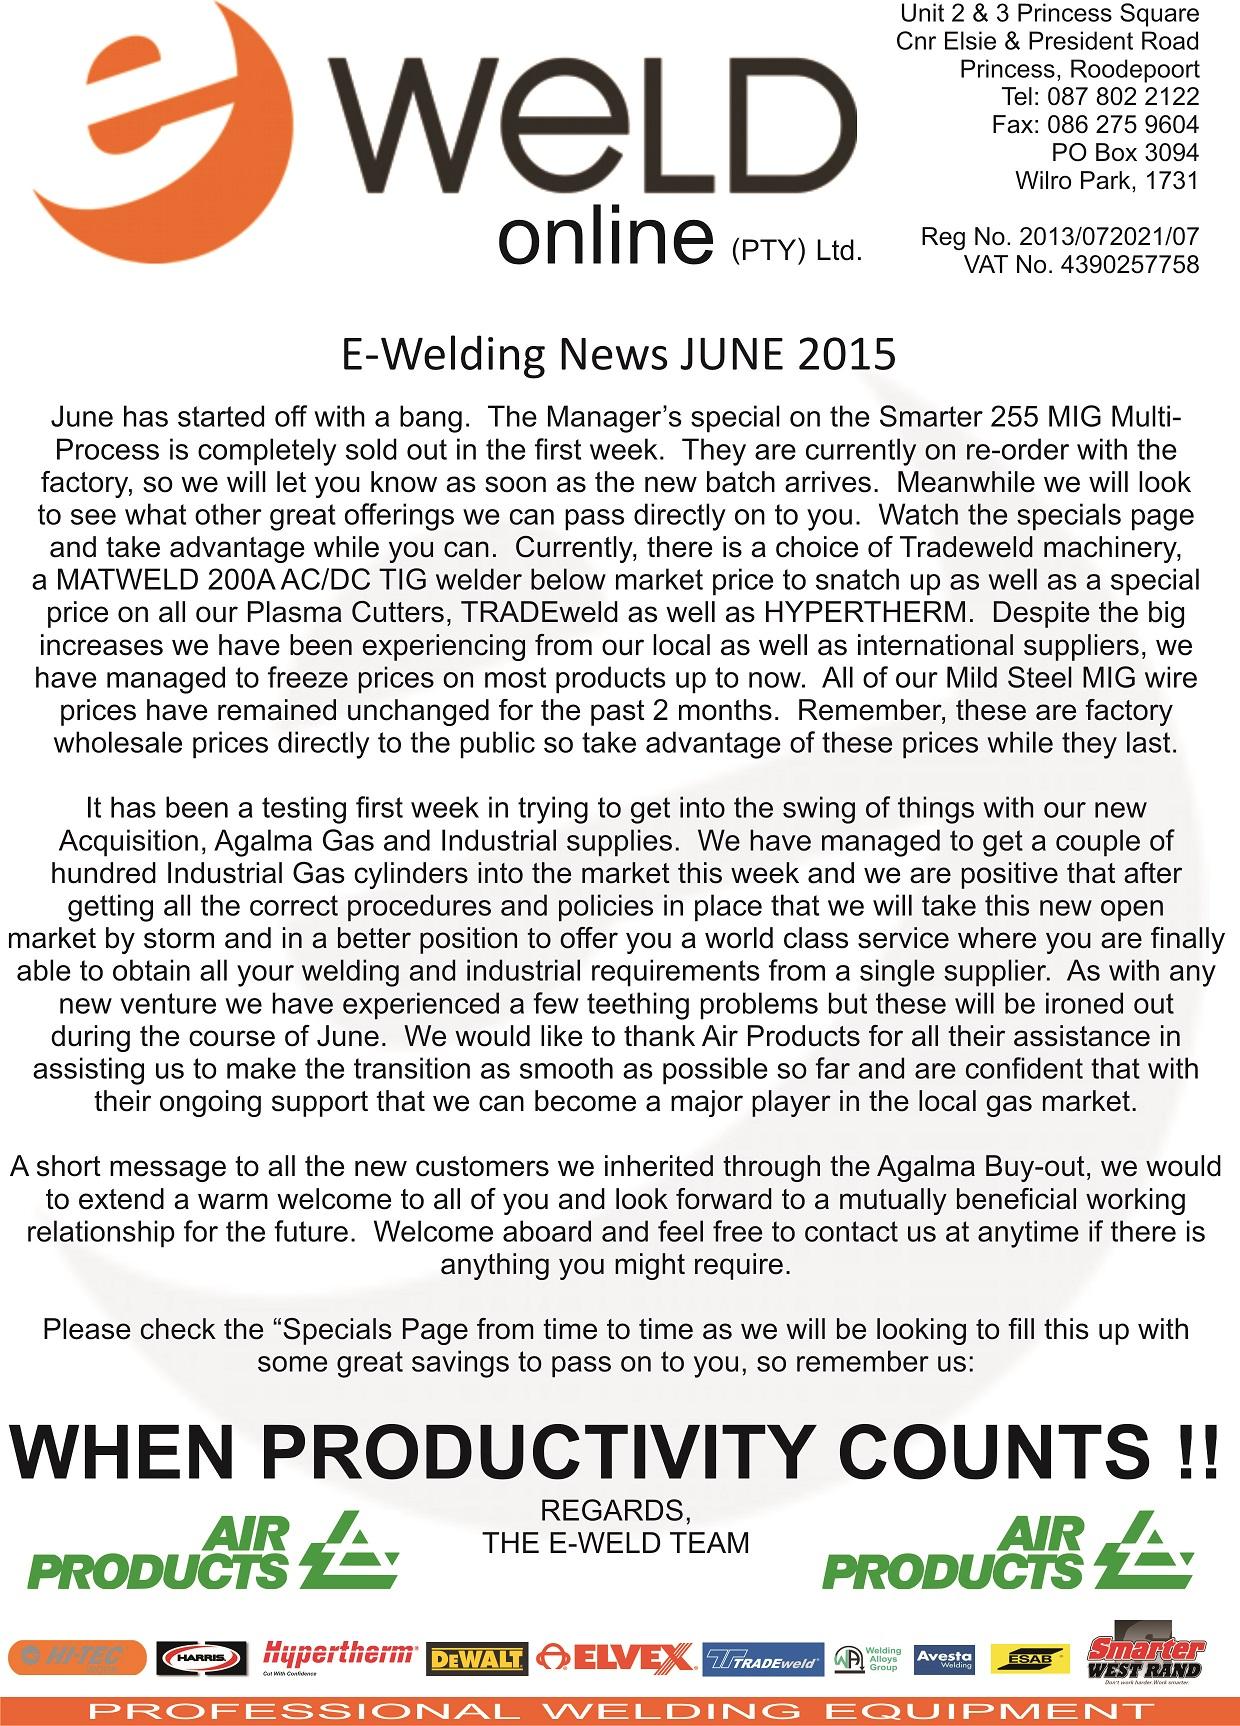 Newsletter June 2015